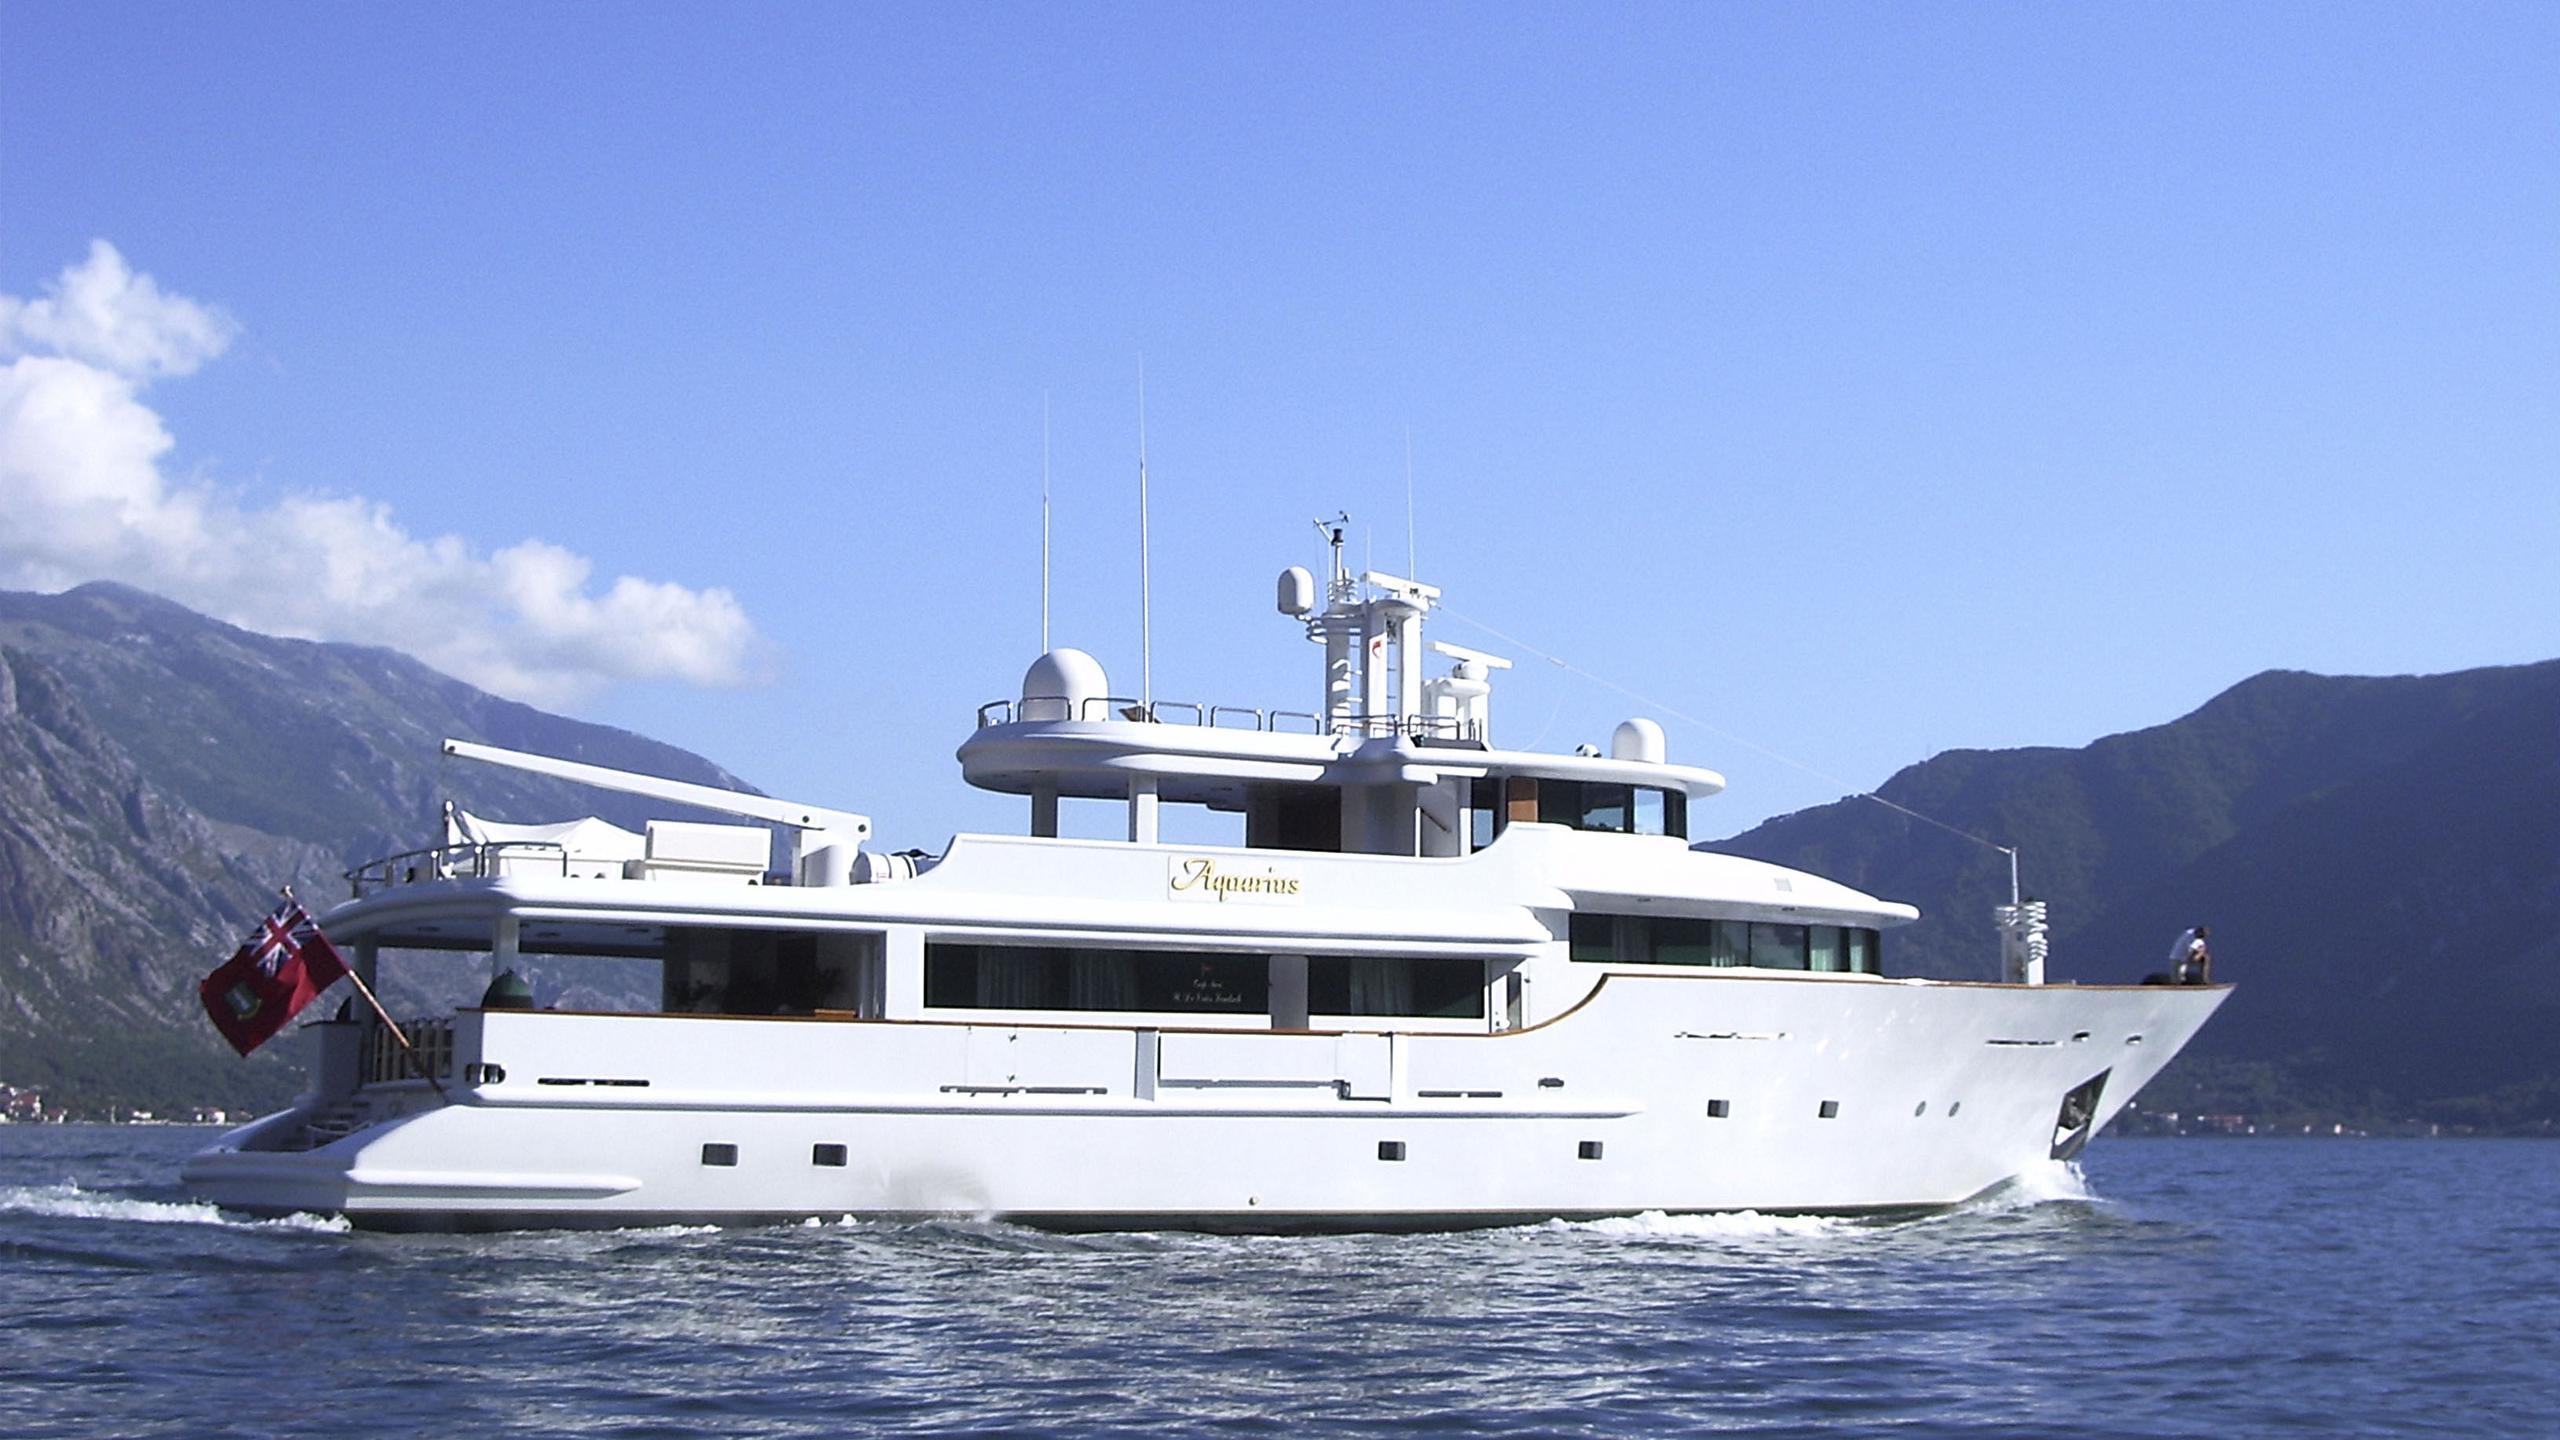 aquarius-yacht-profile